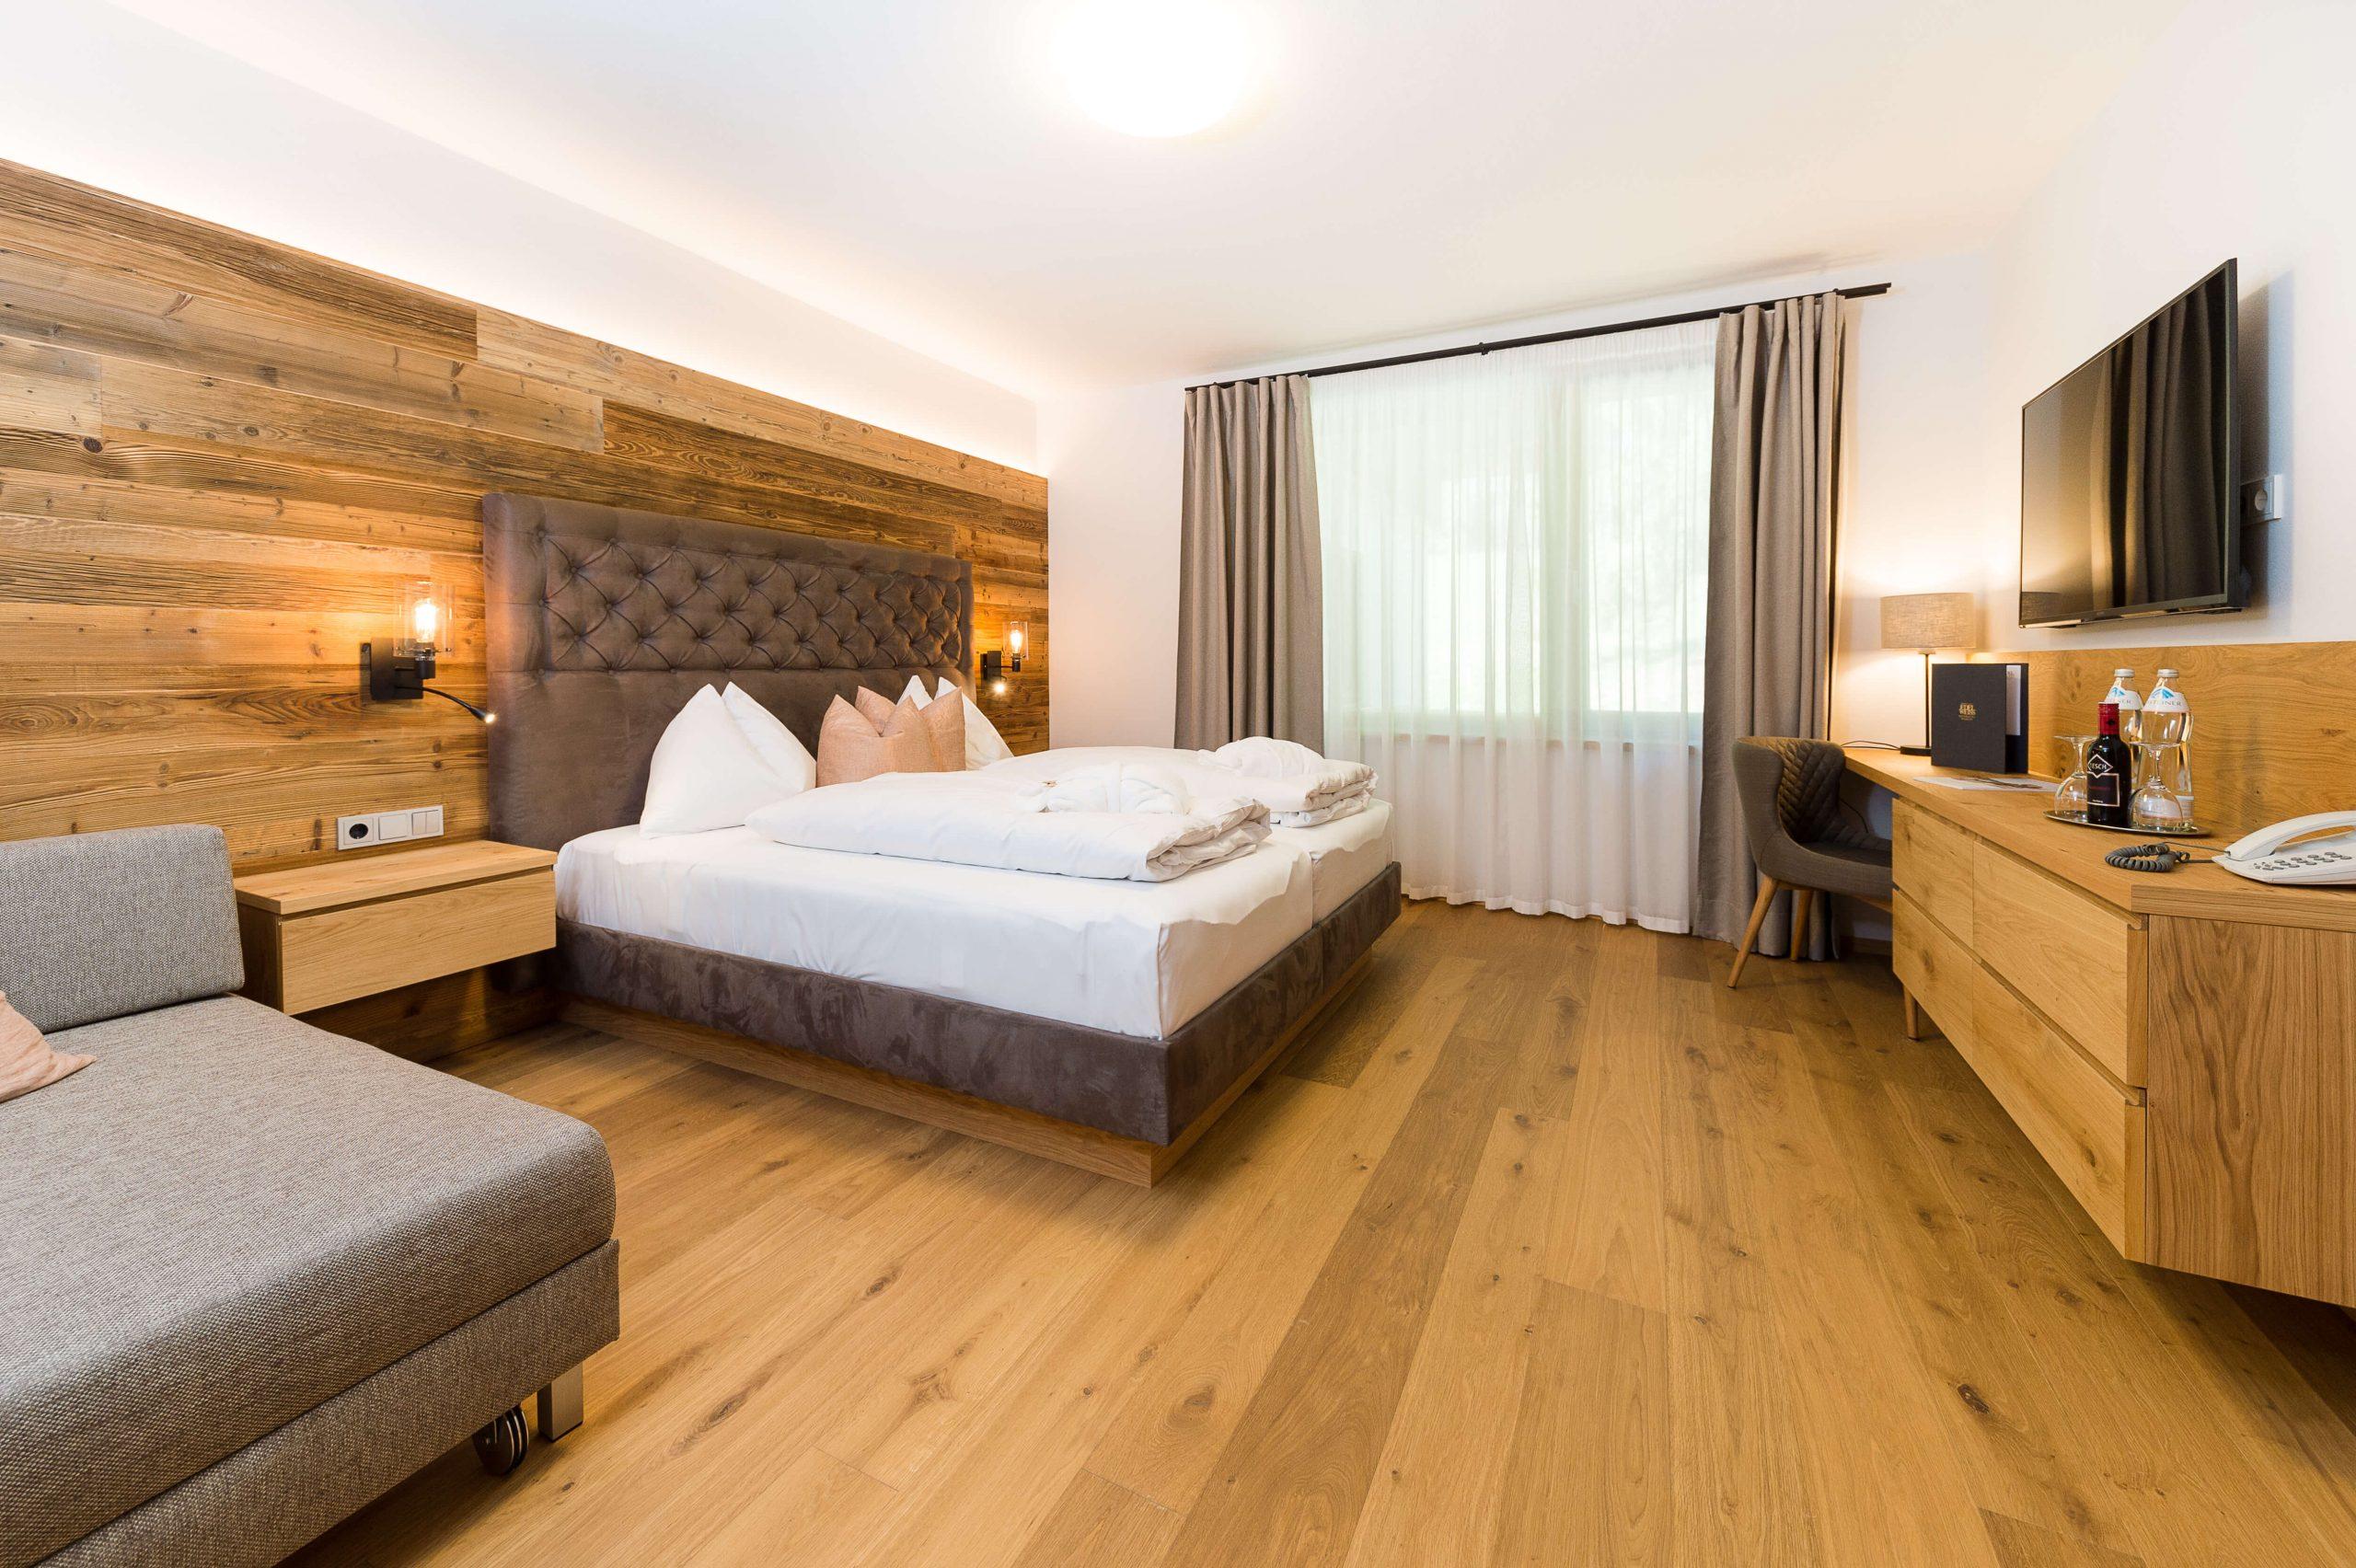 Doppelzimmer Waldklang im Naturhotel Edelweiss Wagrain